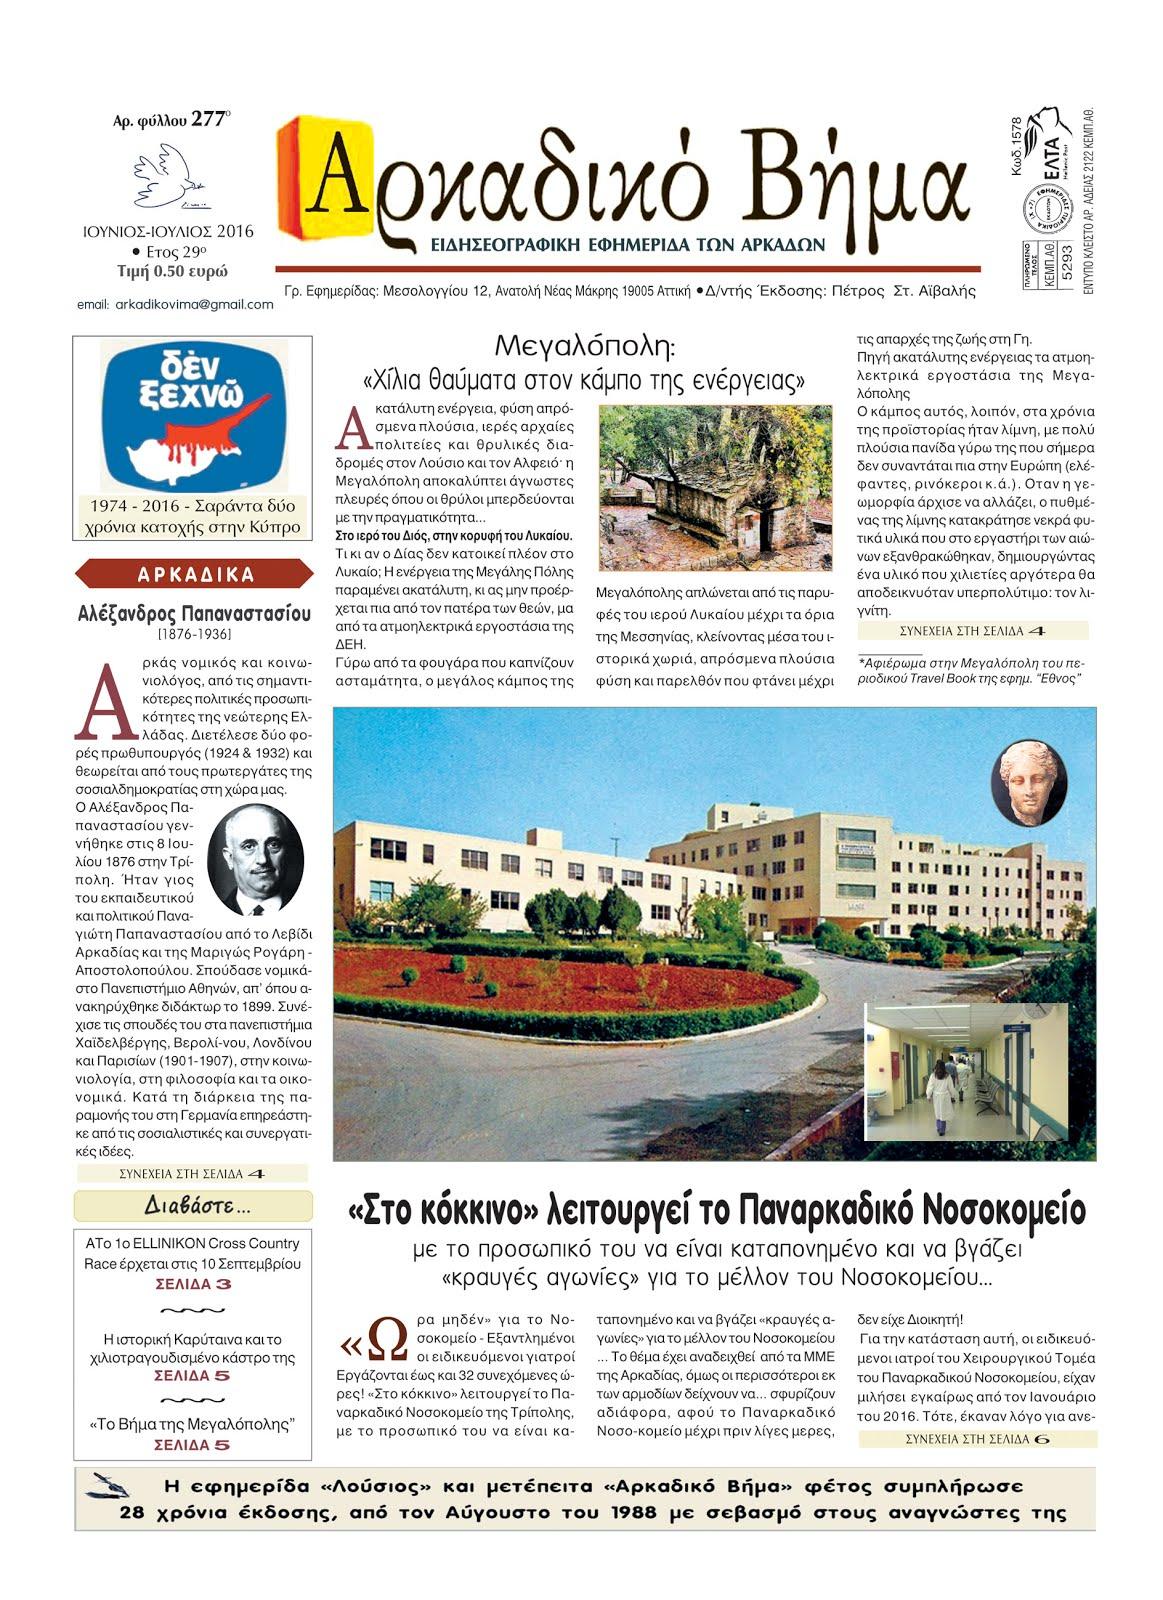 Αρκαδικό Βήμα: 1974-2017 - Σαράντα τρια χρόνια κατοχής στην Κύπρο